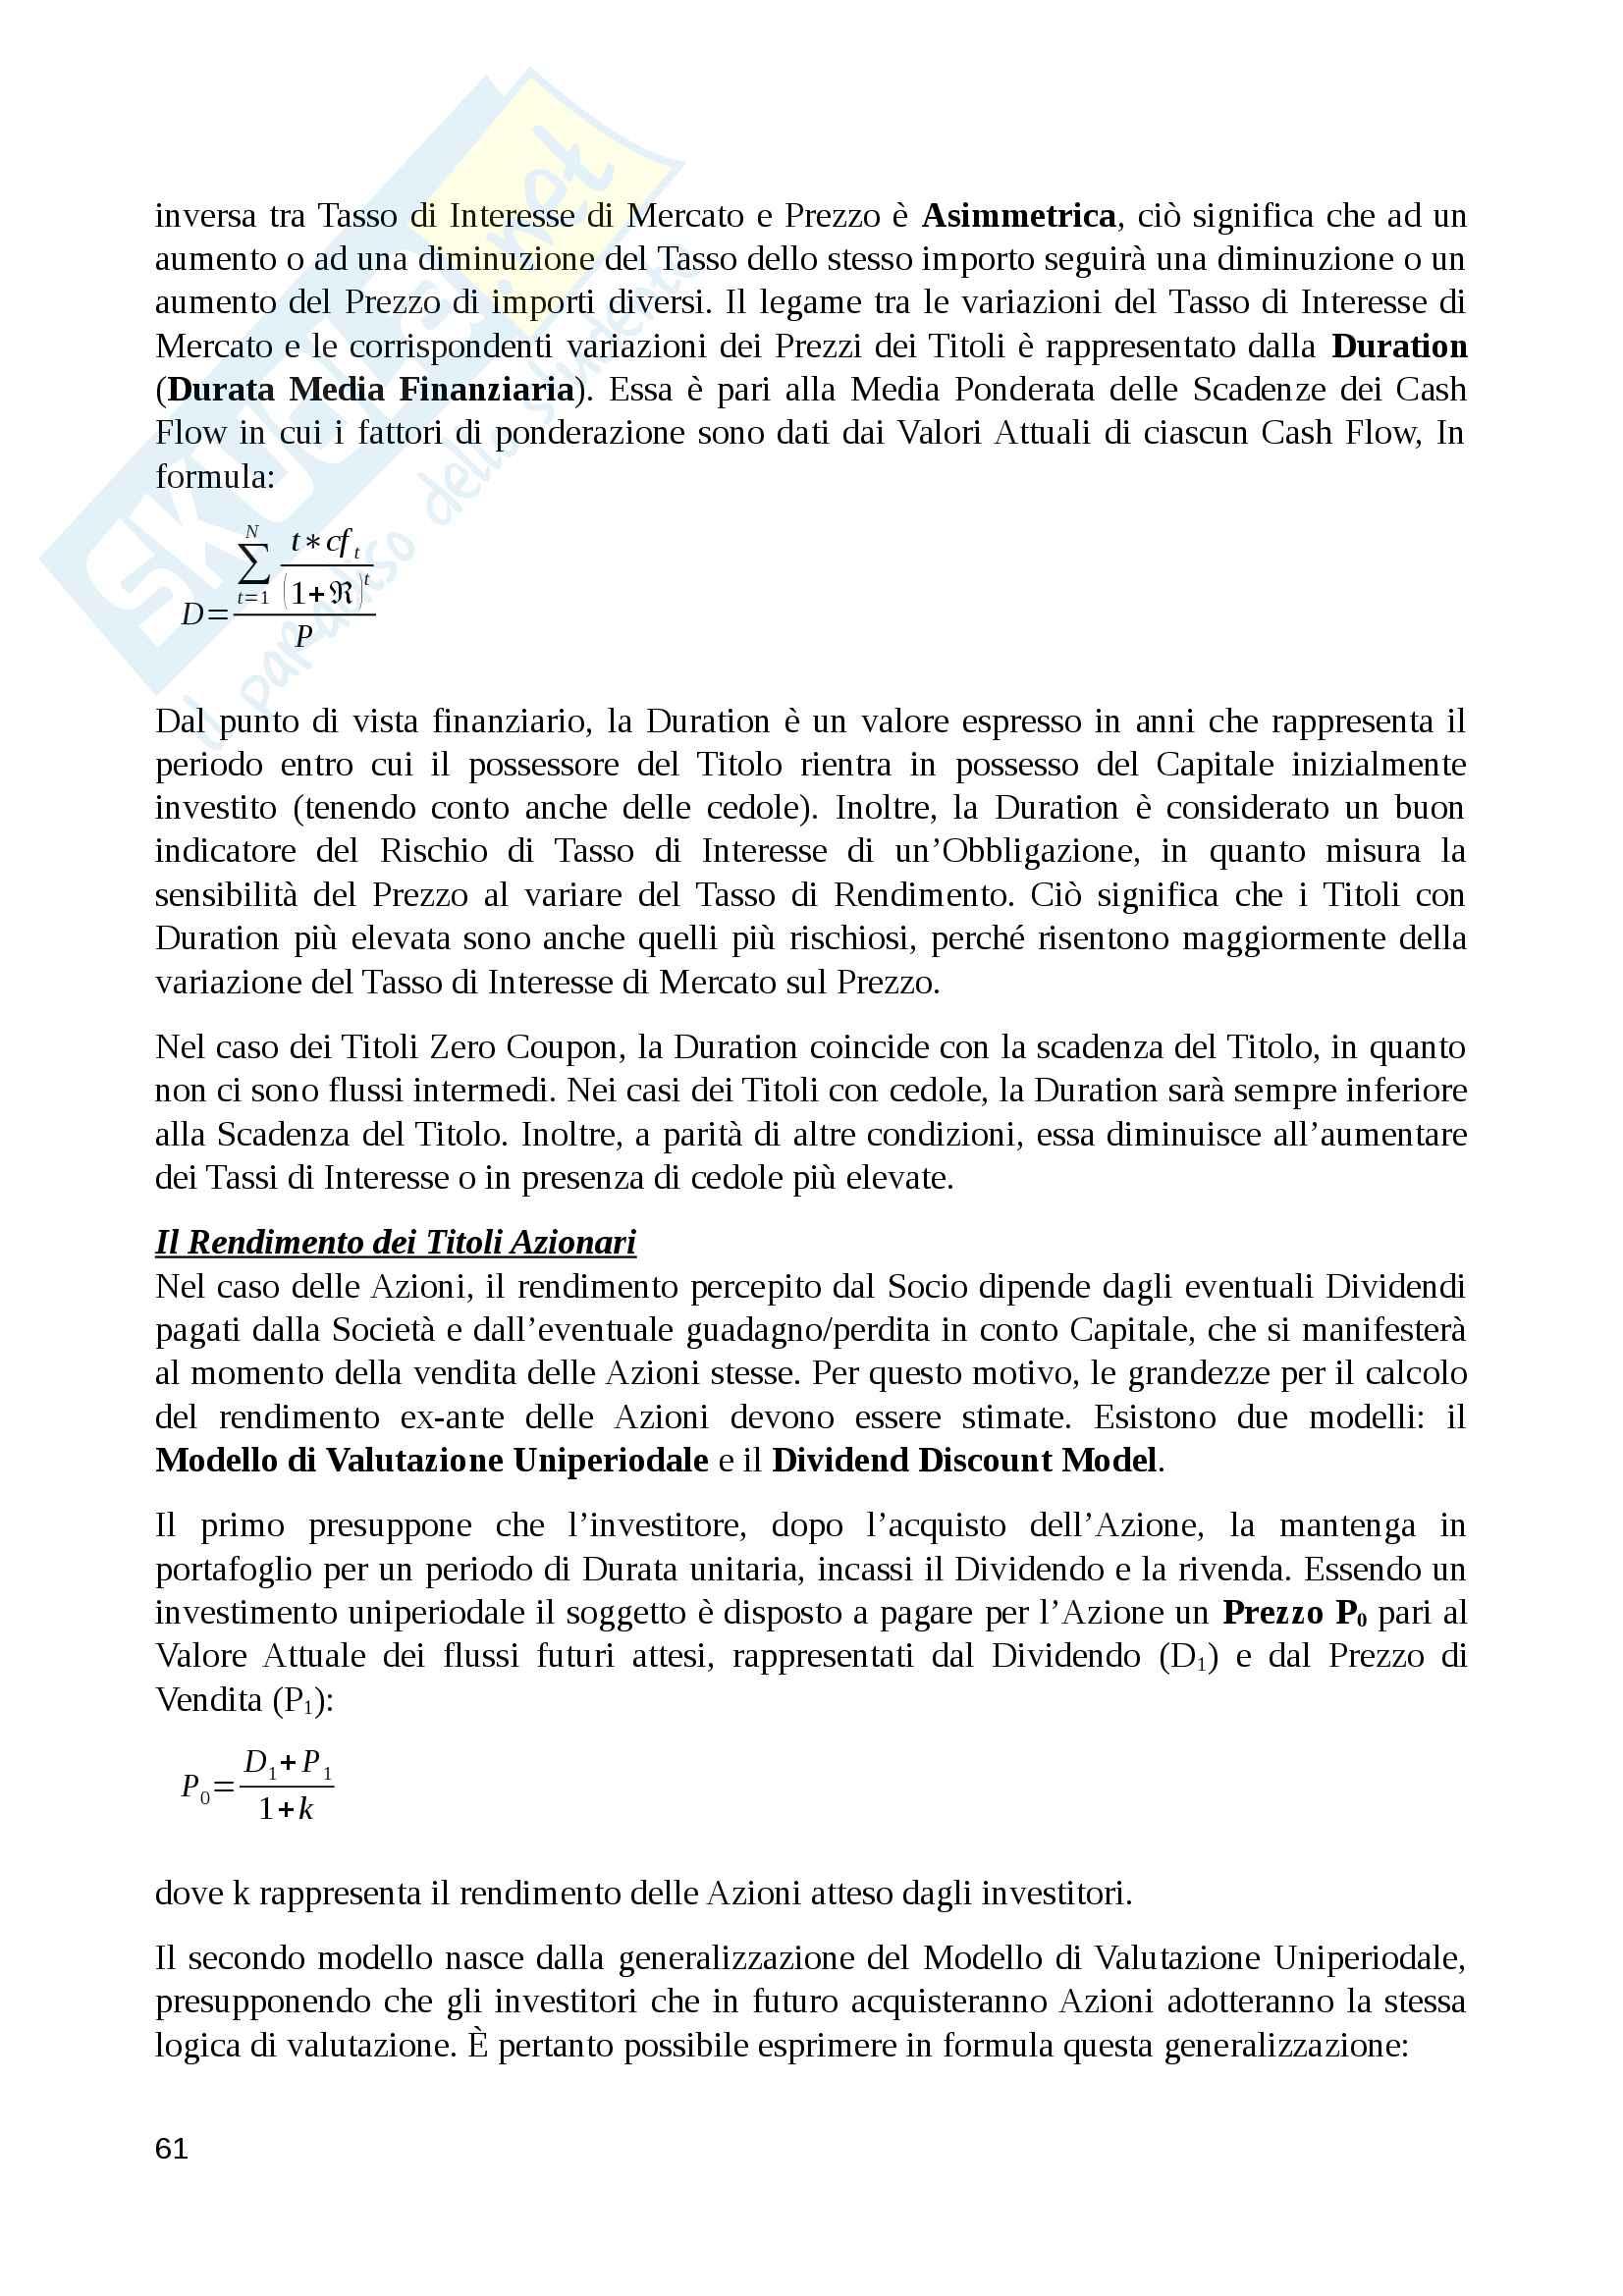 Riassunto economia degli intermediari finanziari, prof. Murè/La Torre Pag. 61